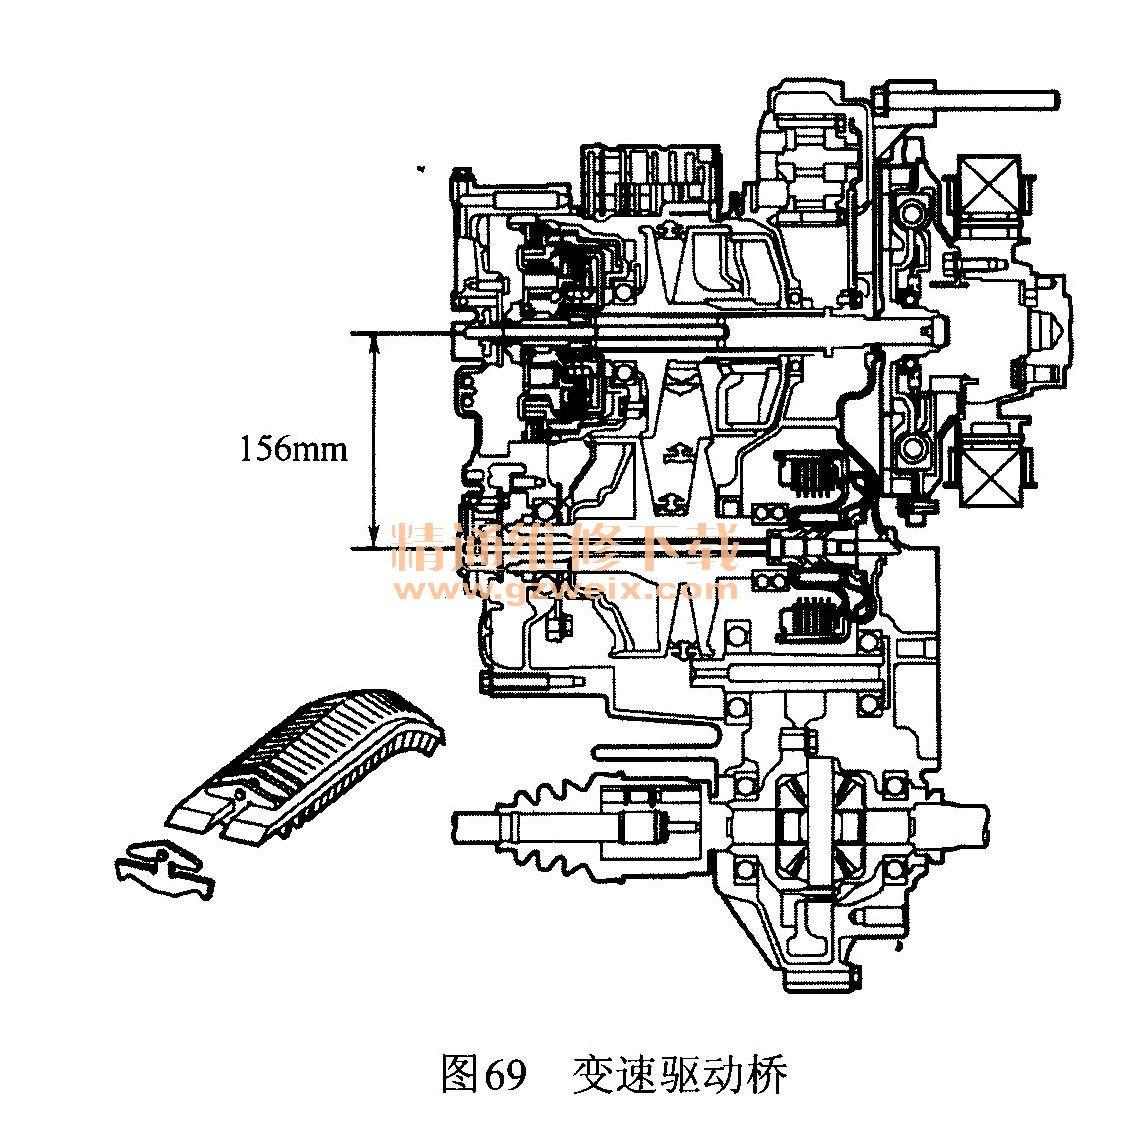 本田思域混合动力汽车的系统原理及故障维修高清图片